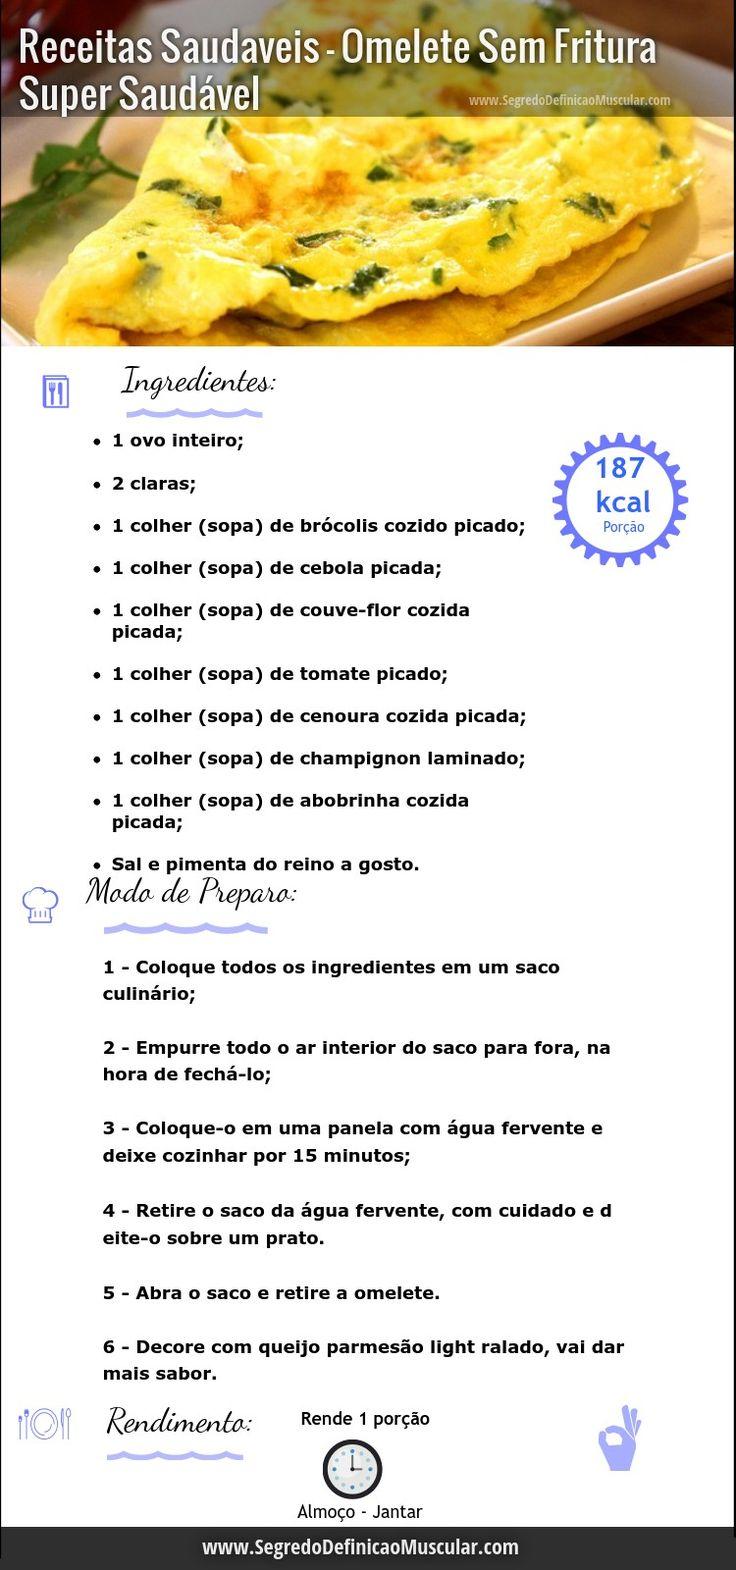 receita de omelete sem fritura ➡ http://www.SegredoDefinicaoMuscular.com/receitas-saudaveis-omelete-sem-fritura-super-saudavel  #receita #recipe